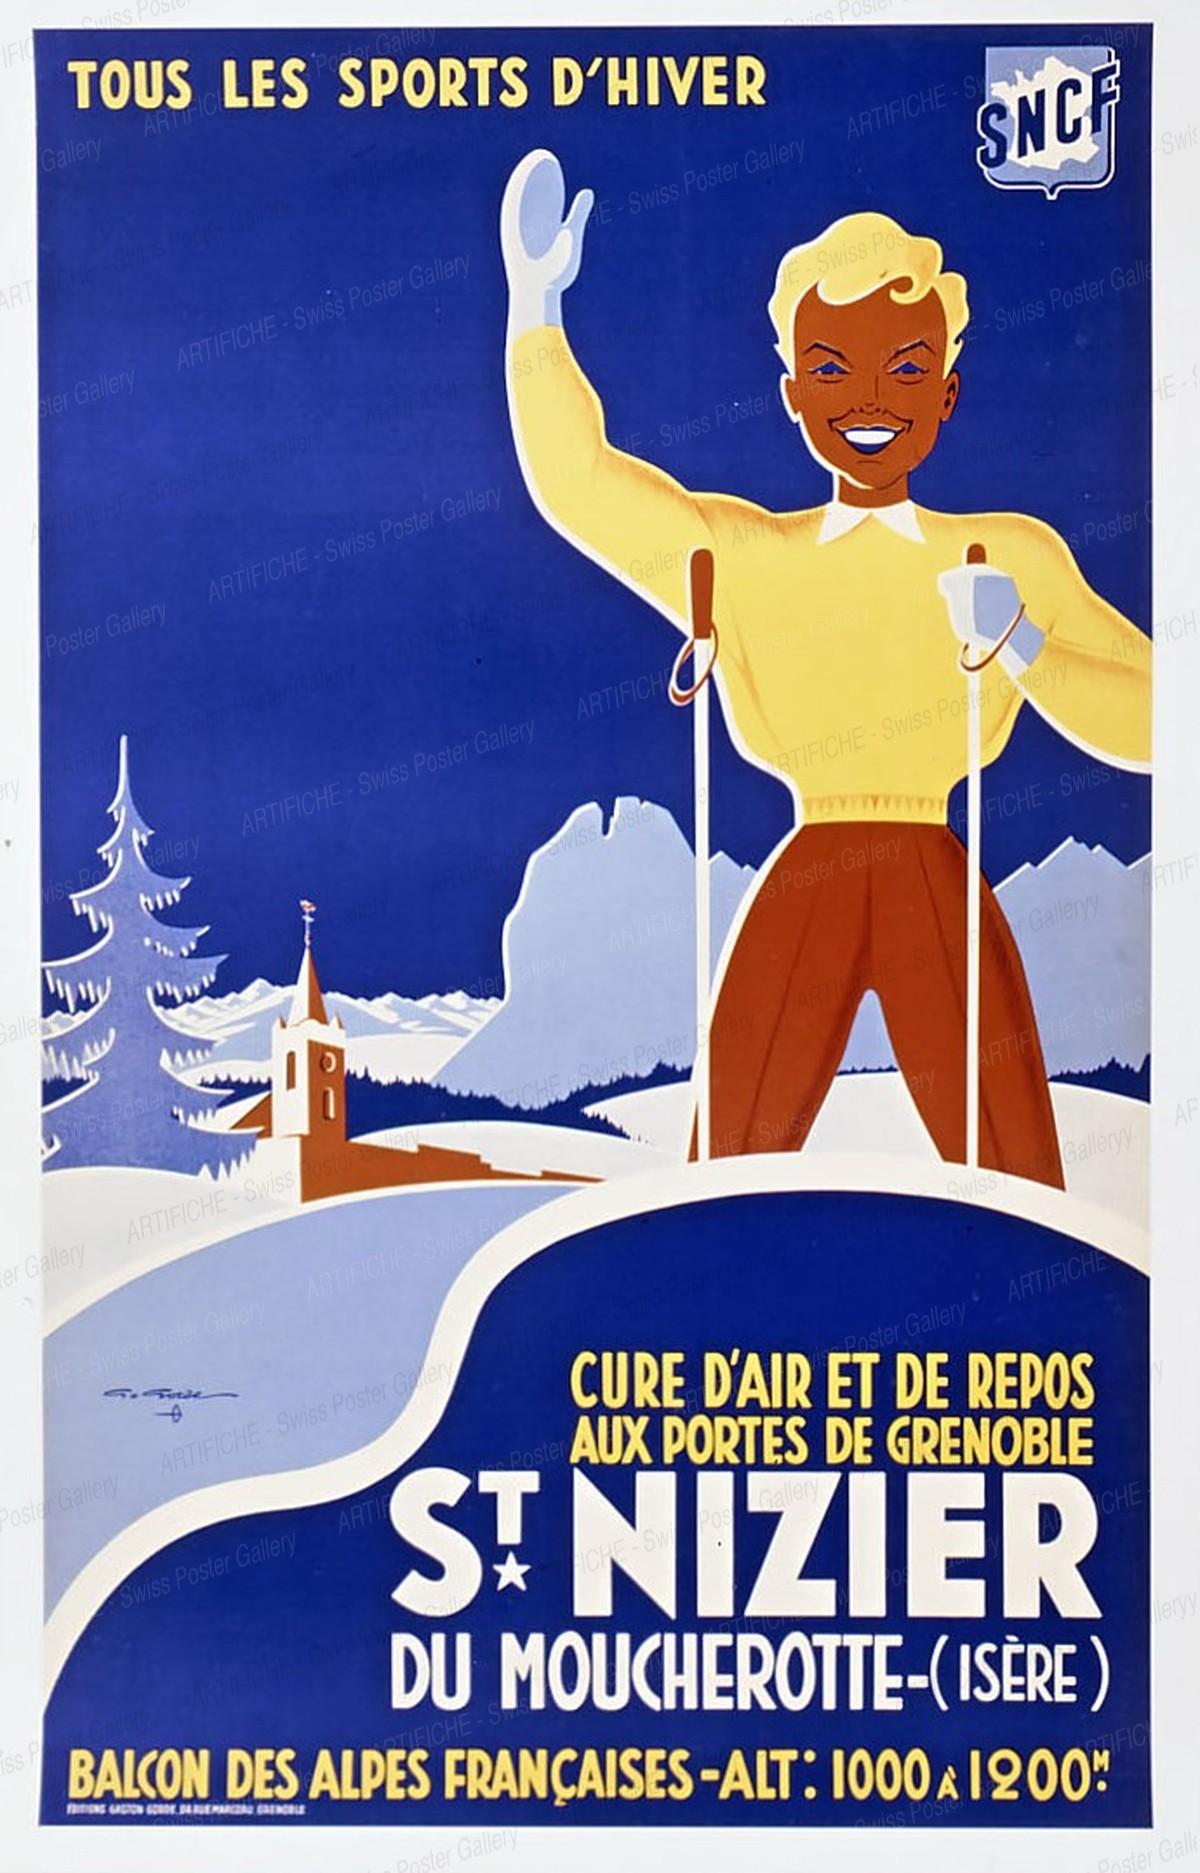 SNCF – St. Nizier, Gaston Gorde